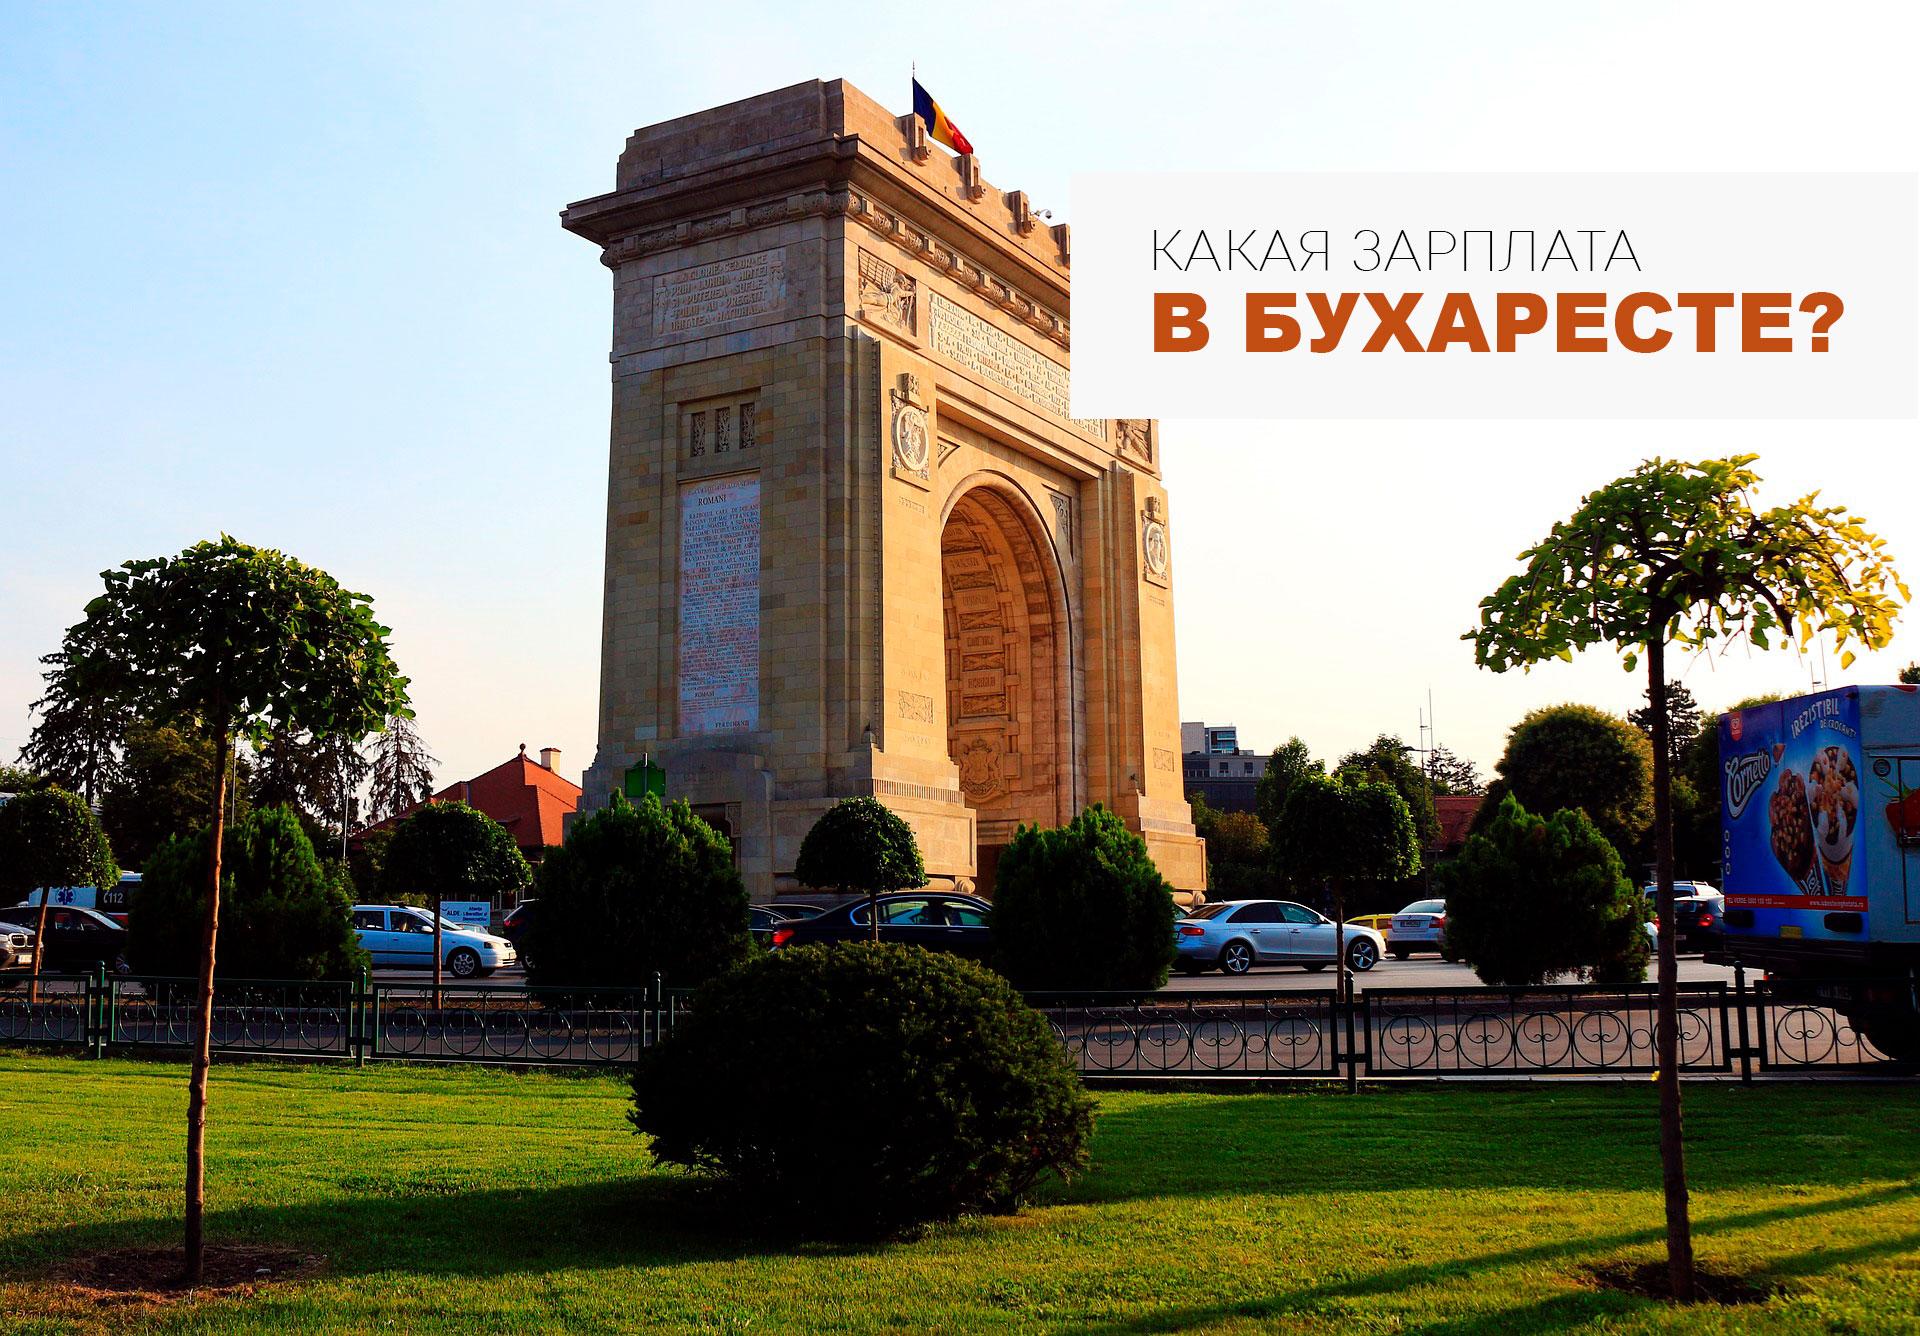 Стоимость жизни в Бухаресте, Румыния – продукты, транспорт, аренда